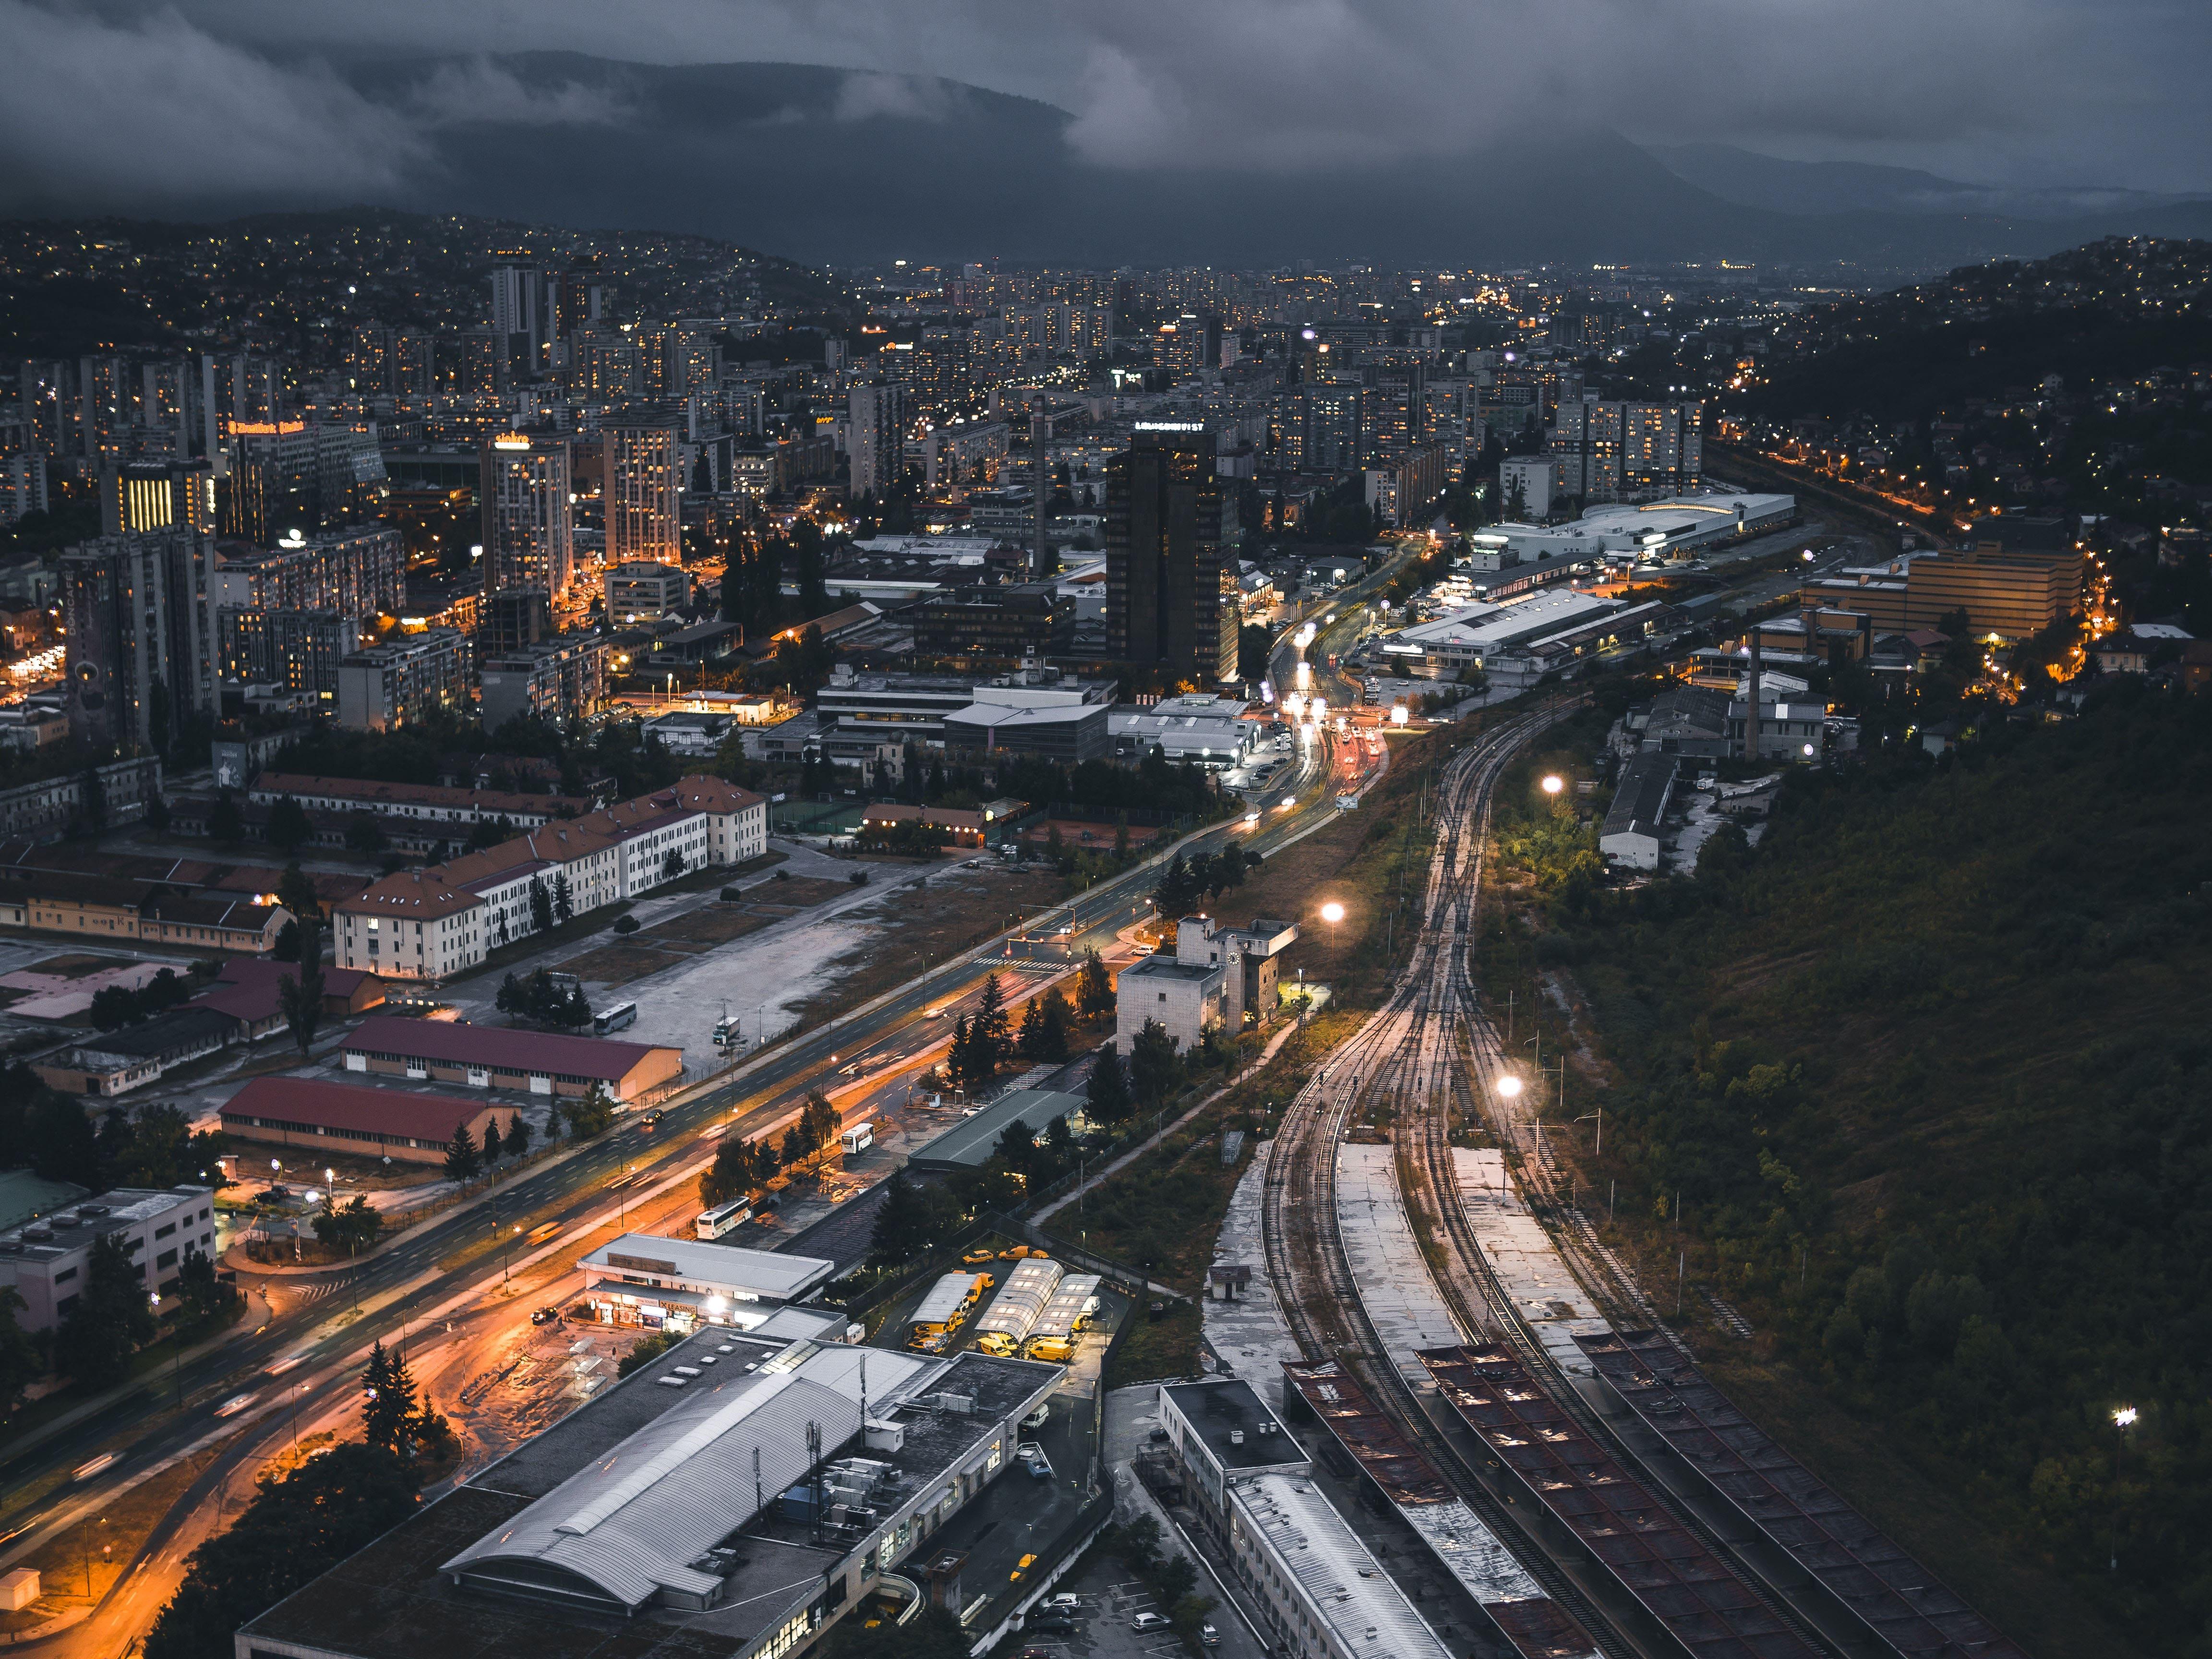 HDoboi.Kiev.ua - Ночной город вид сверху